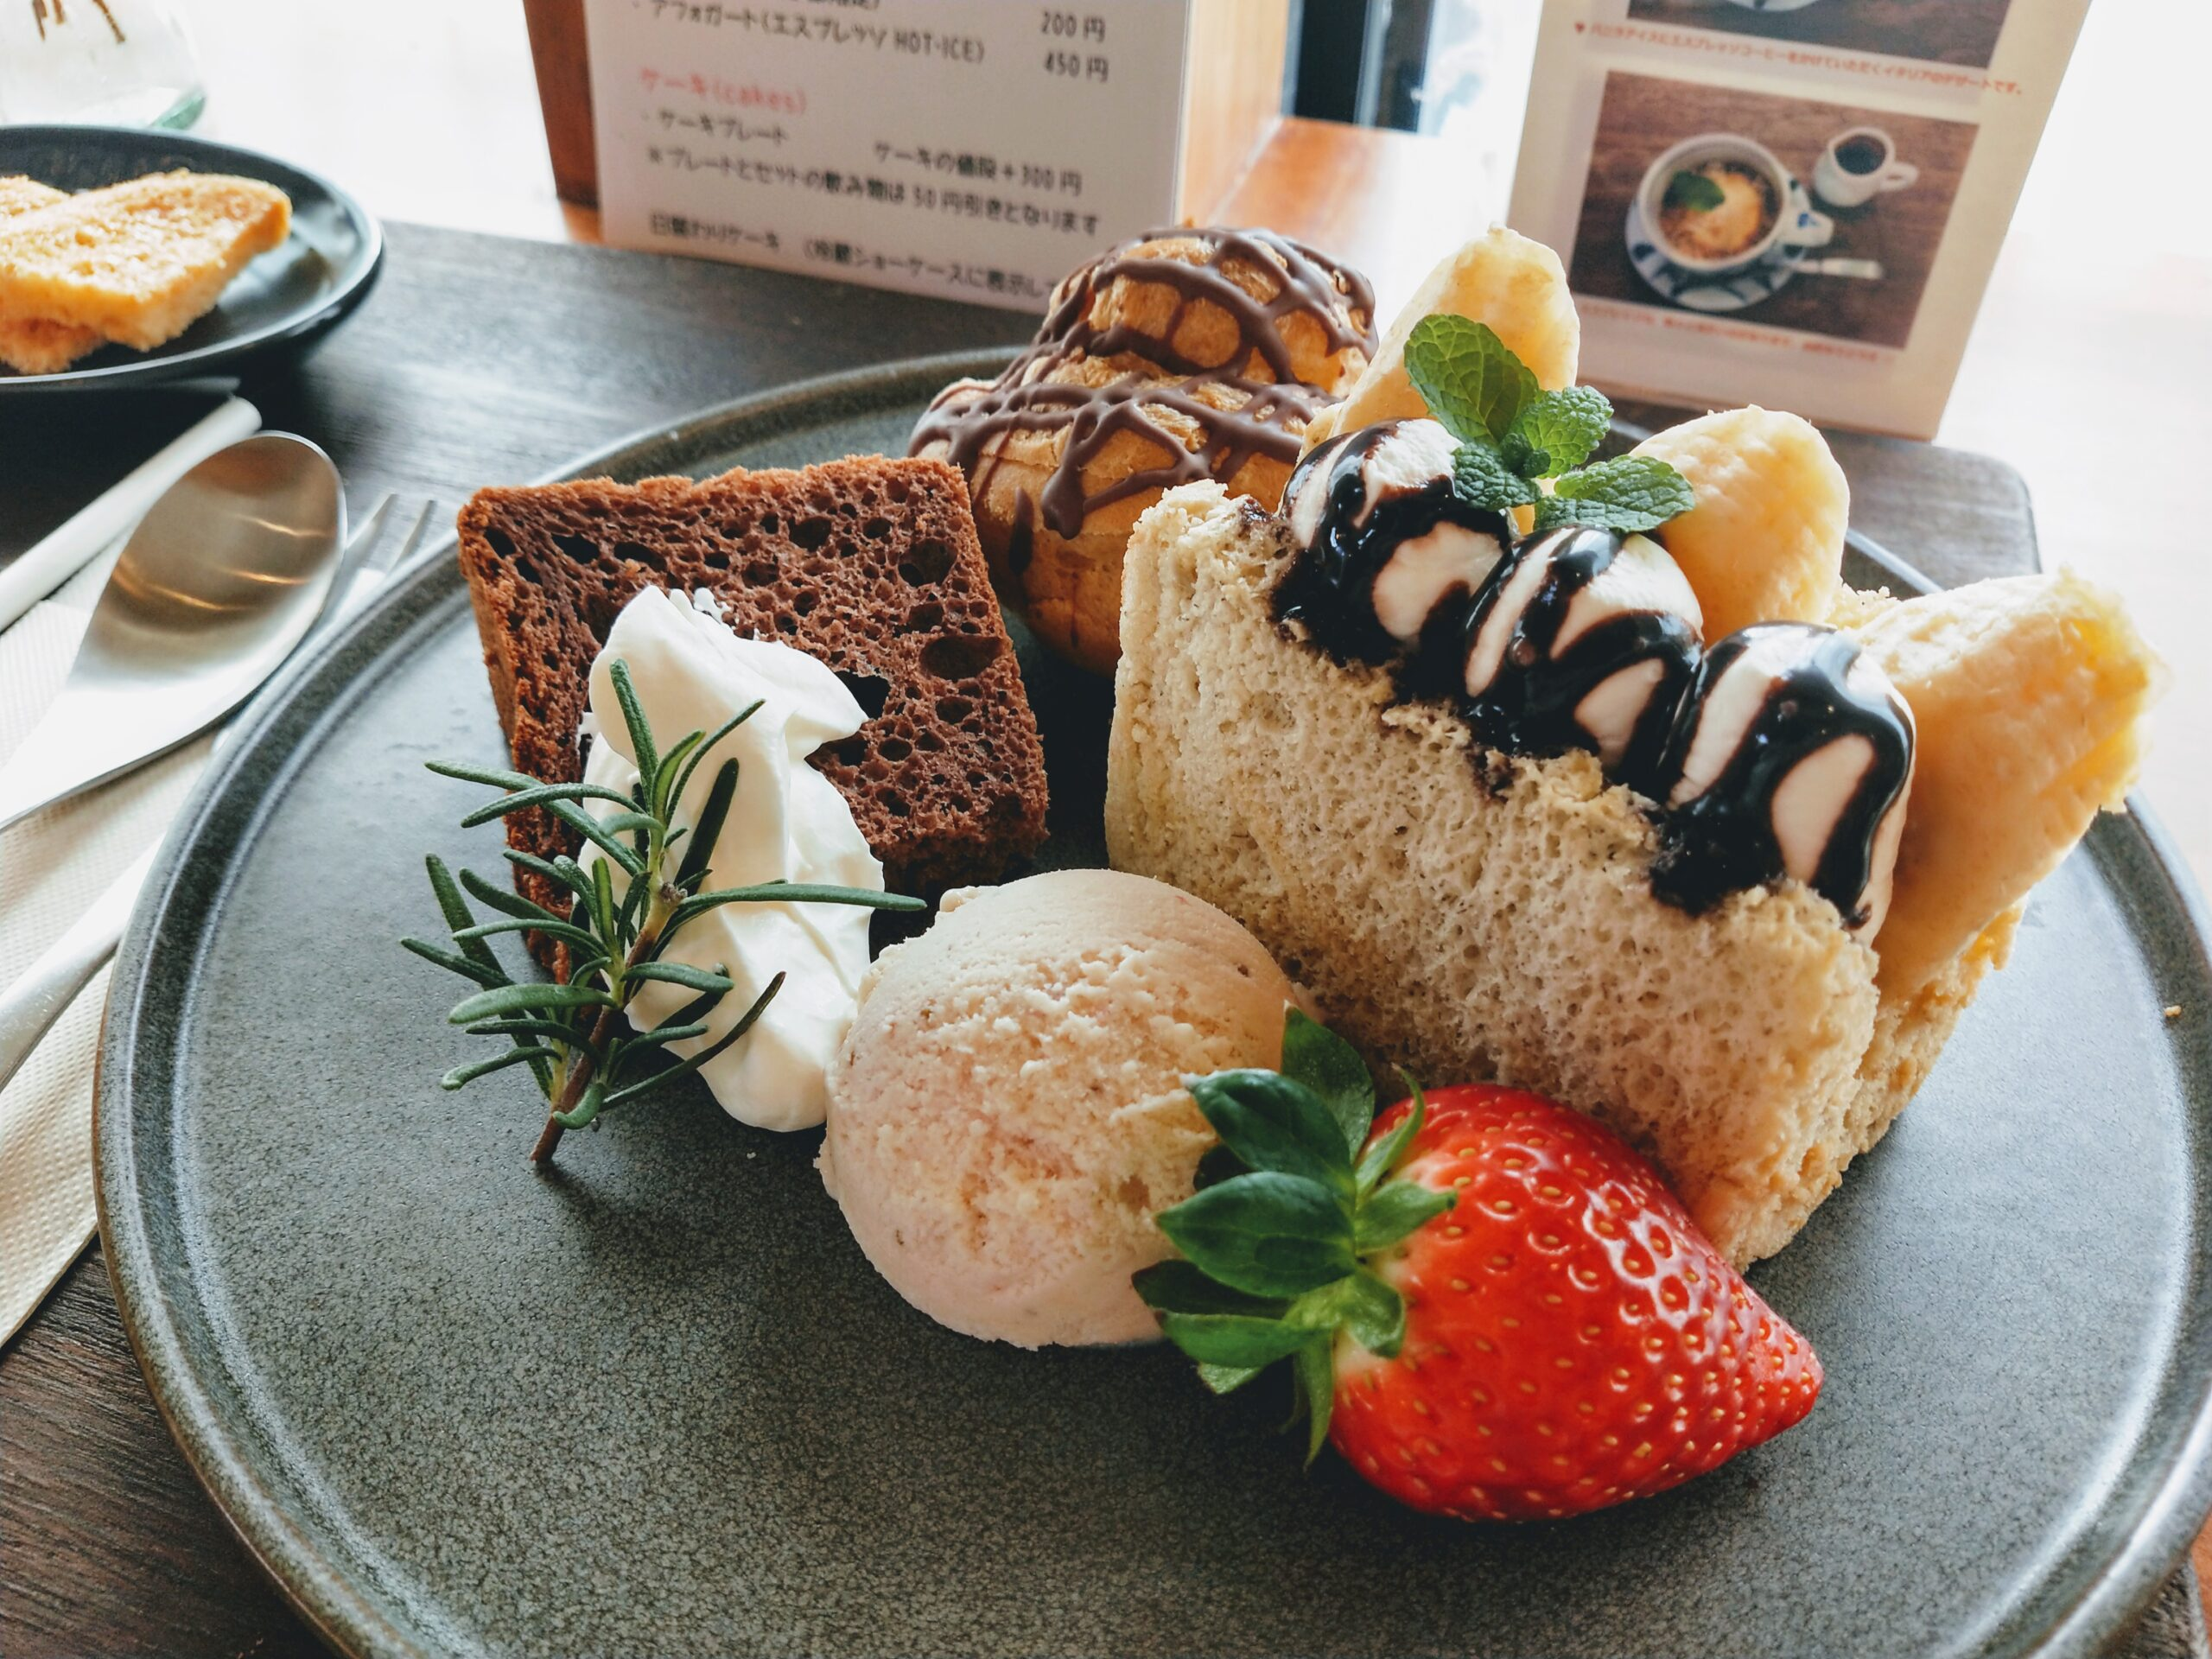 ドライフラワーとスイーツの癒し空間「mugi cafe」!ケーキプレートを堪能